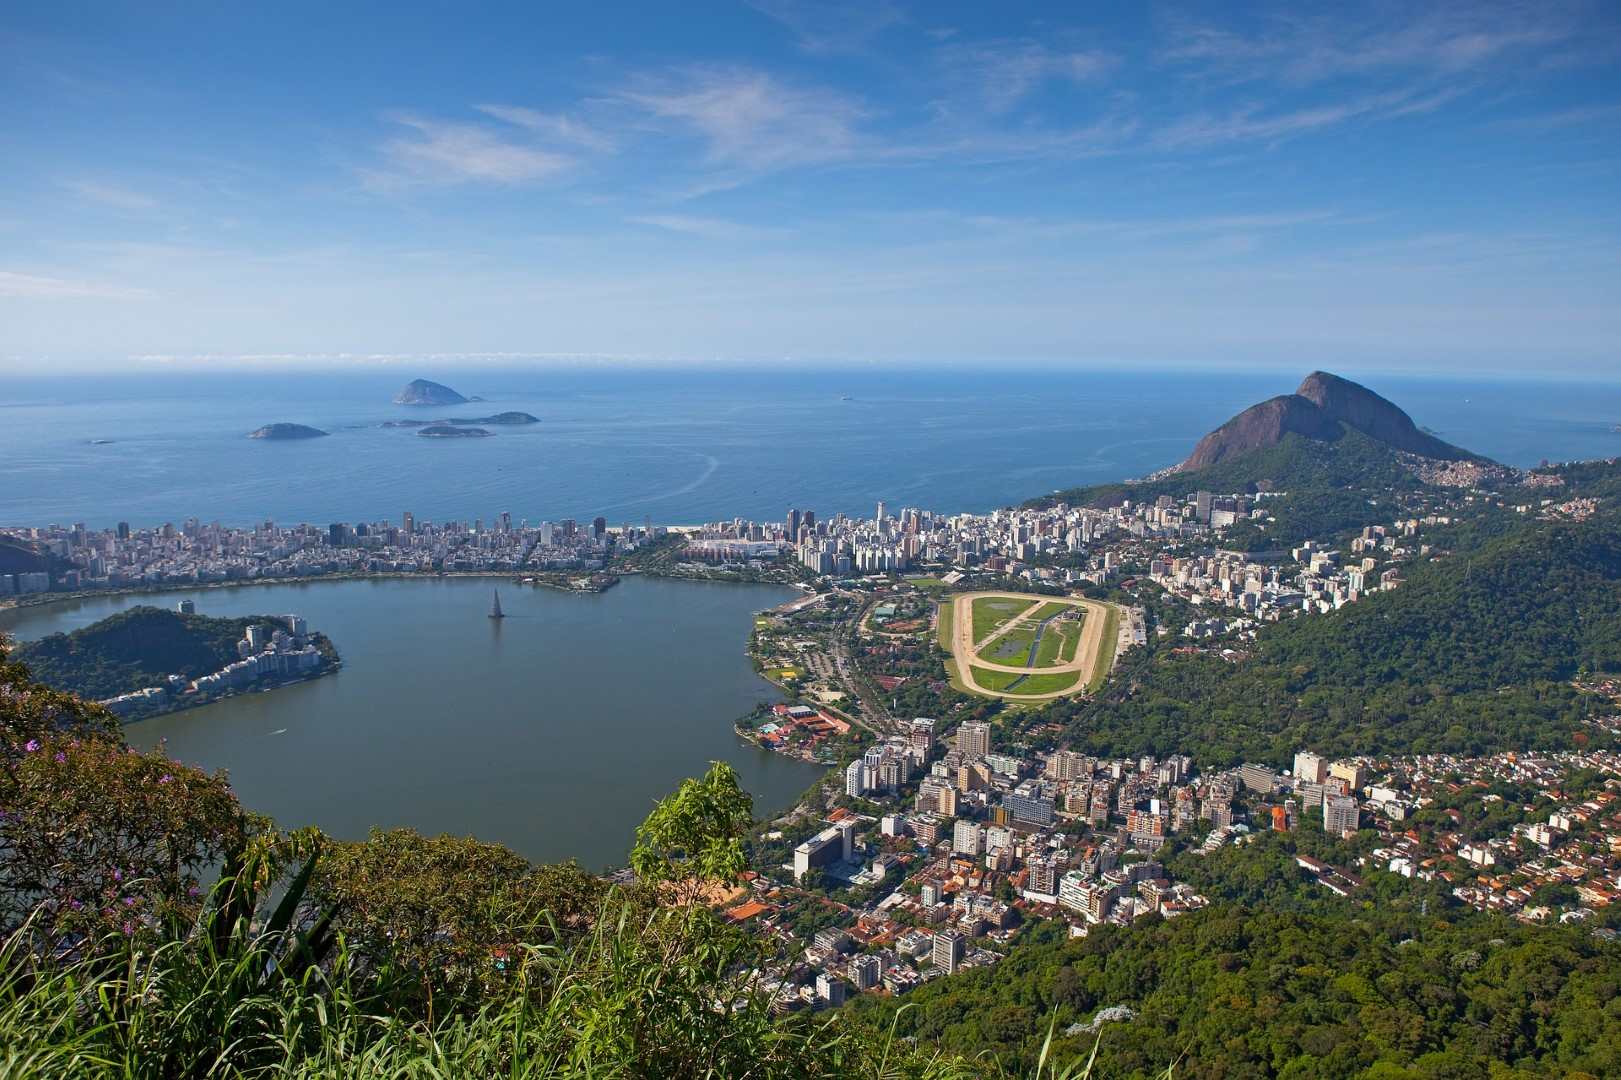 Gerenciamento de Redes Sociais em Cacuia – Rio de Janeiro – RJ